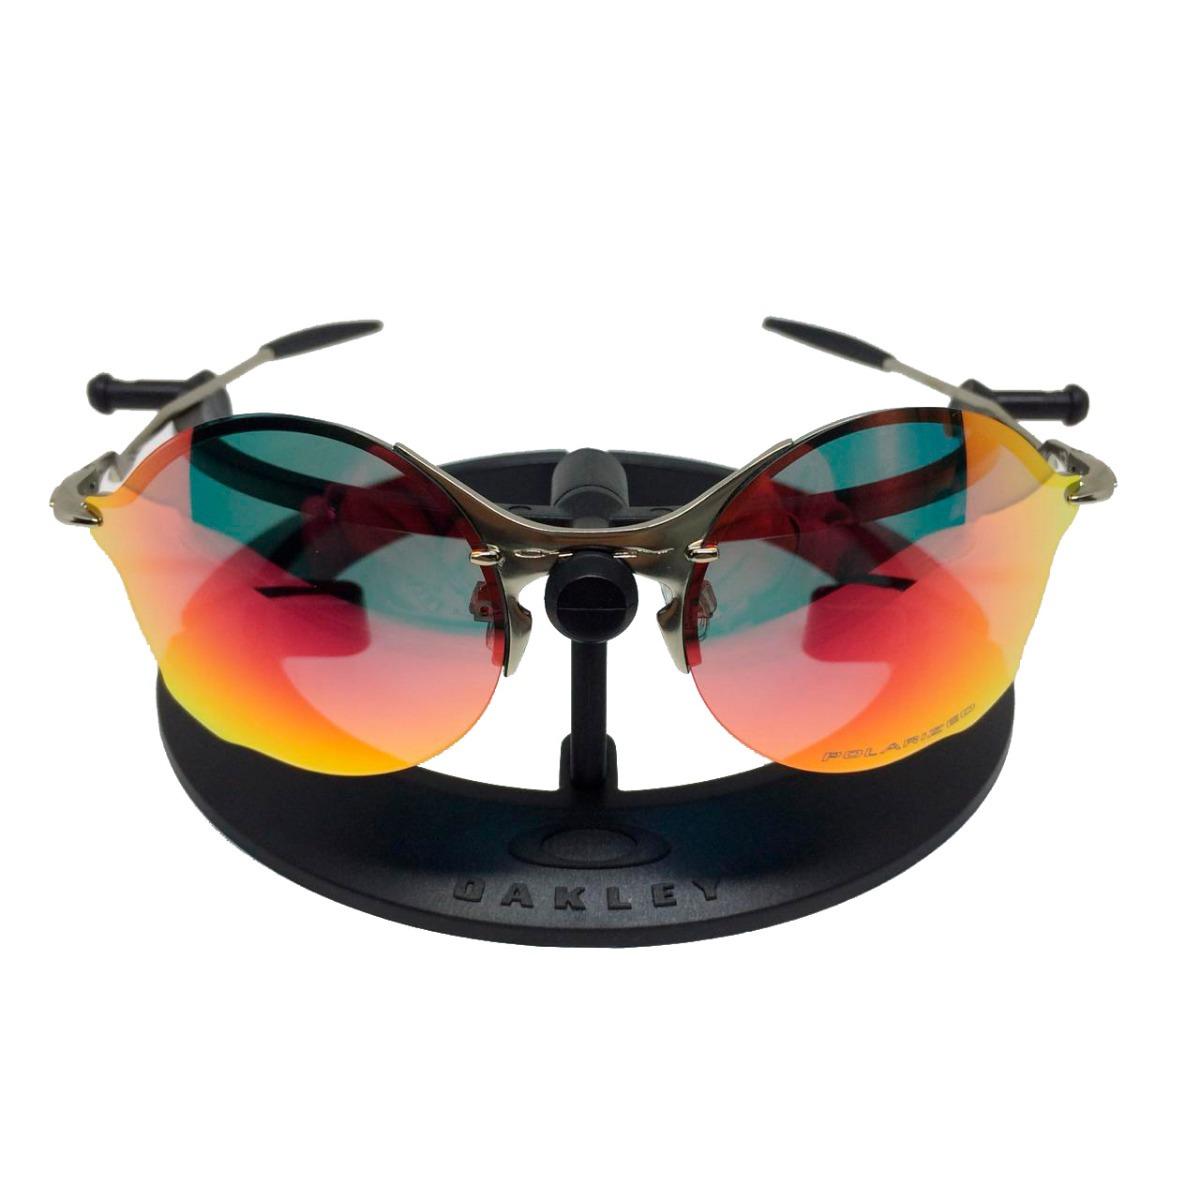 c78c0d8a1d678 óculos oakley tailend lente vermelha. Carregando zoom.